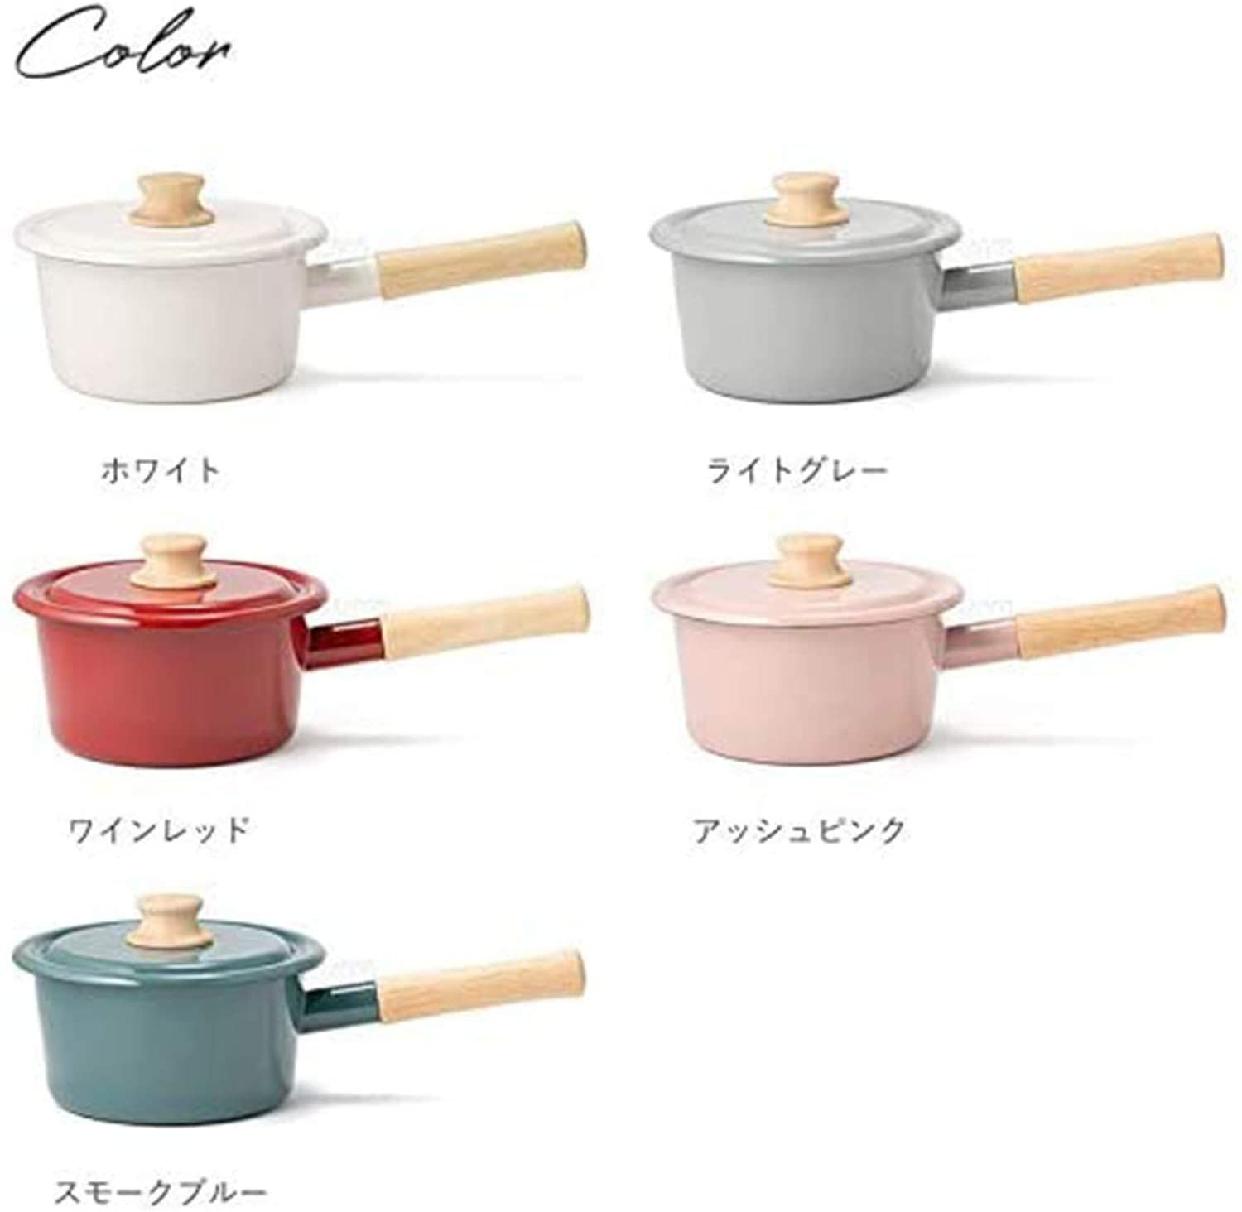 Cotton Series(コットンシリーズ)ソースパン 16cm CTN16S.LGの商品画像6